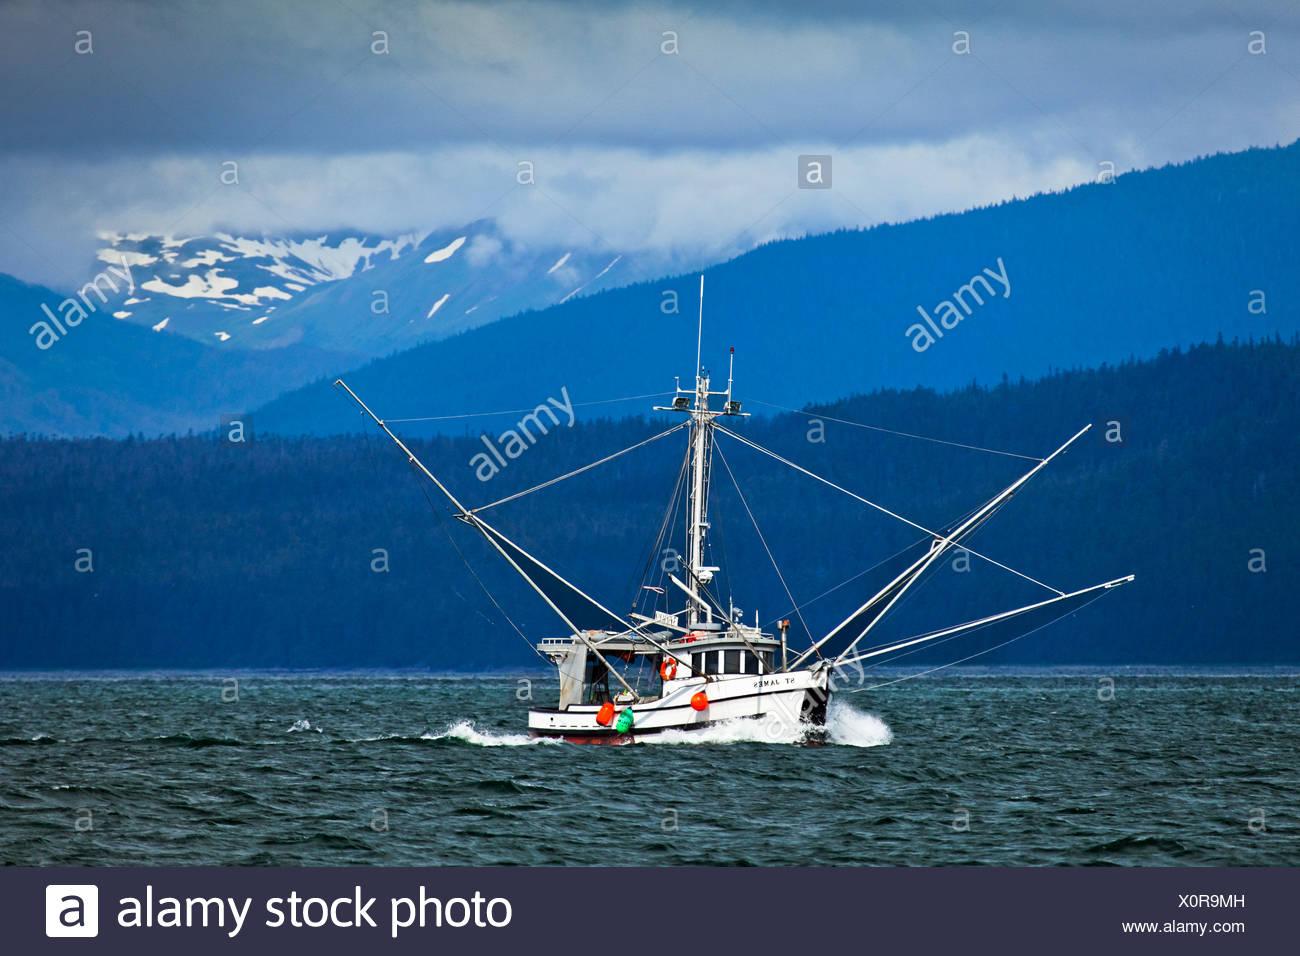 Ein Fischerboot Segeln in der Nähe von Chichagof Island, Glacier Bay Nationalpark & Preserve, südöstlichen Alaska, Sommer Stockbild